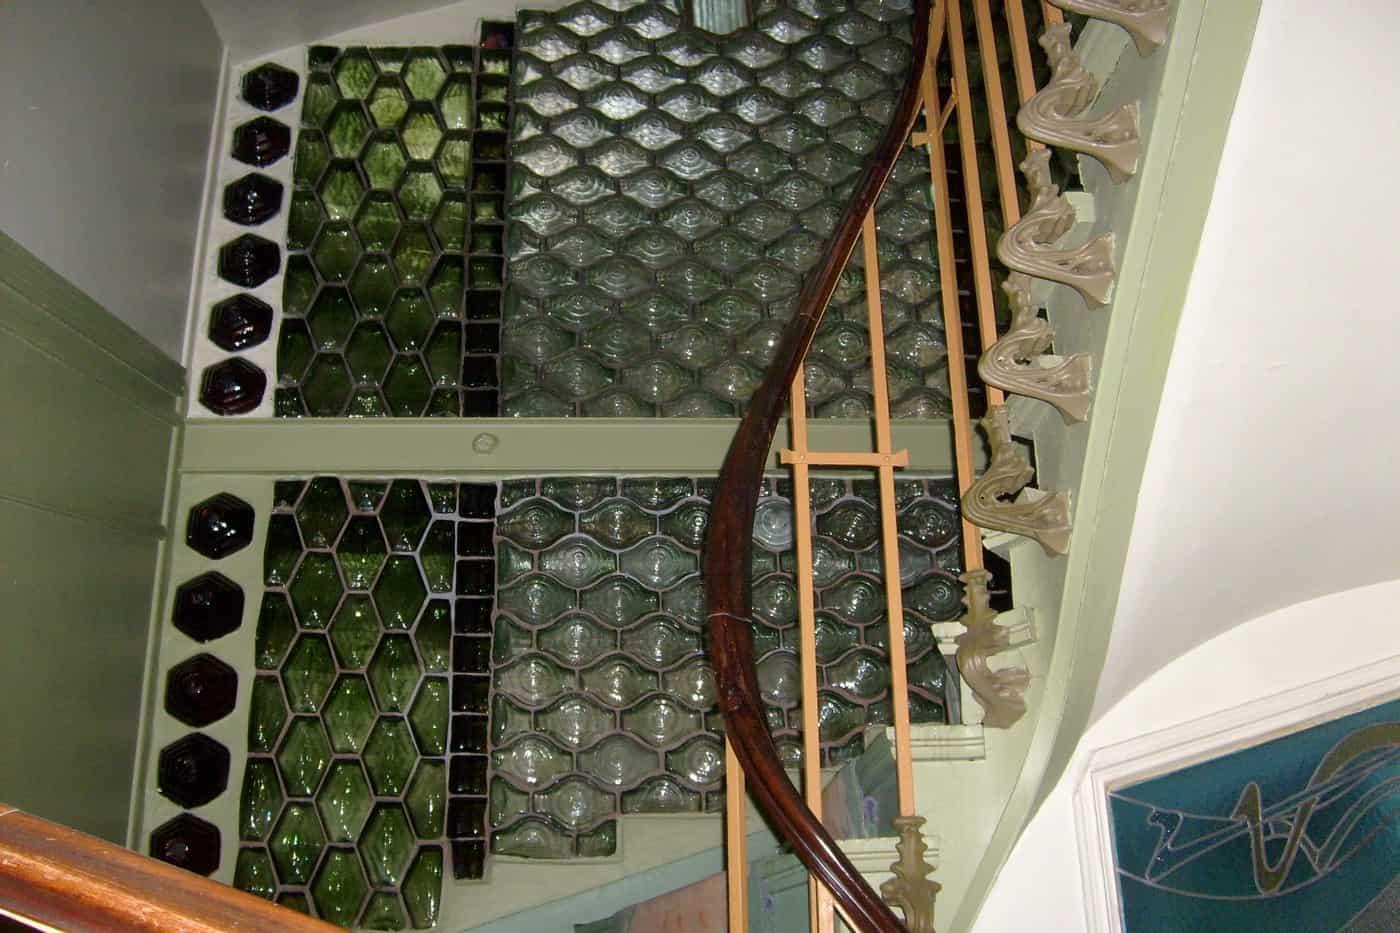 escalier castel berranger